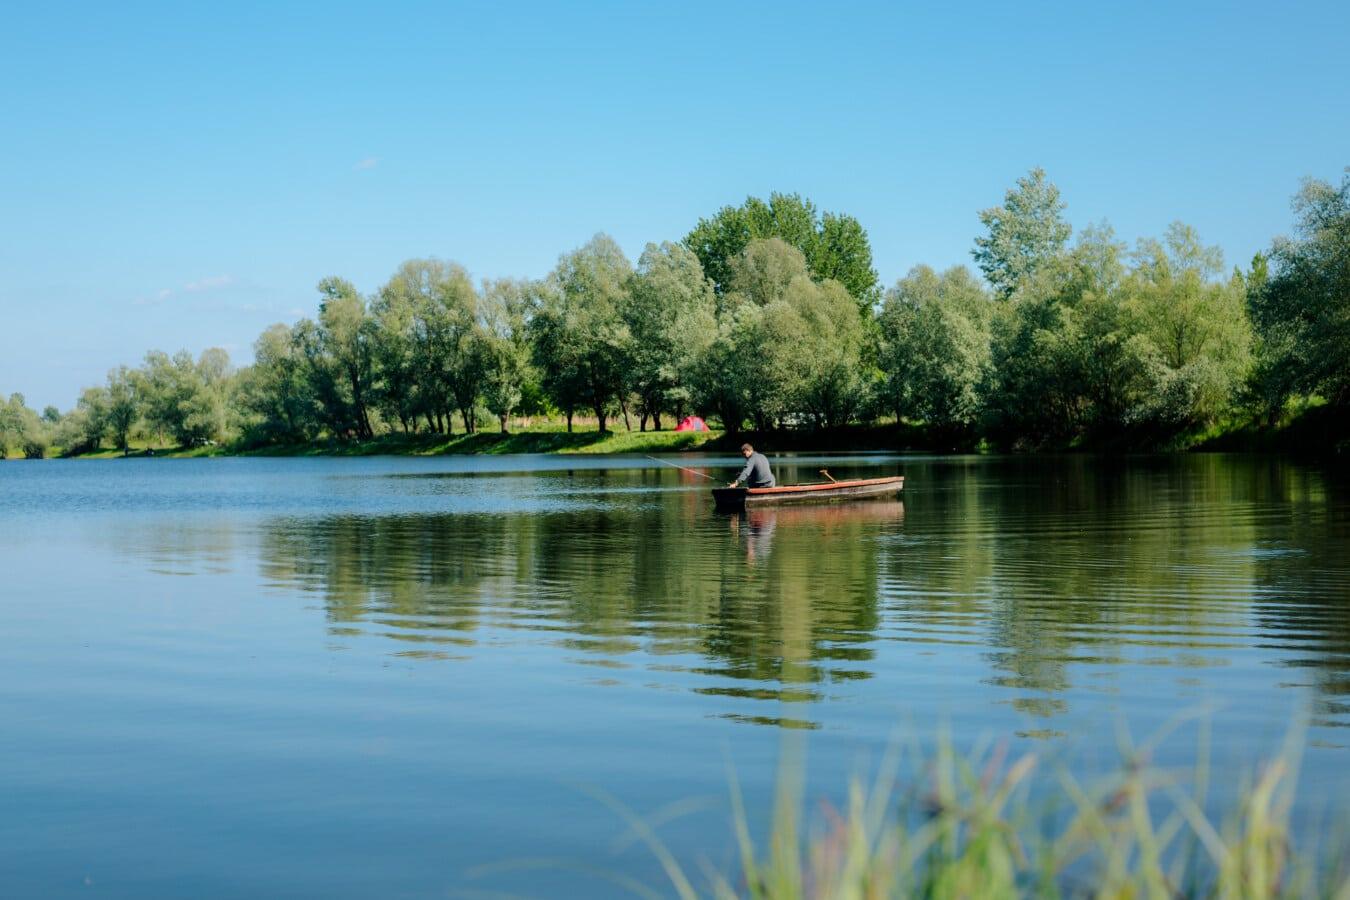 nelayan, perahu nelayan, tepi danau, Cuaca, Taman Nasional, pemandangan, pohon, Danau, air, refleksi